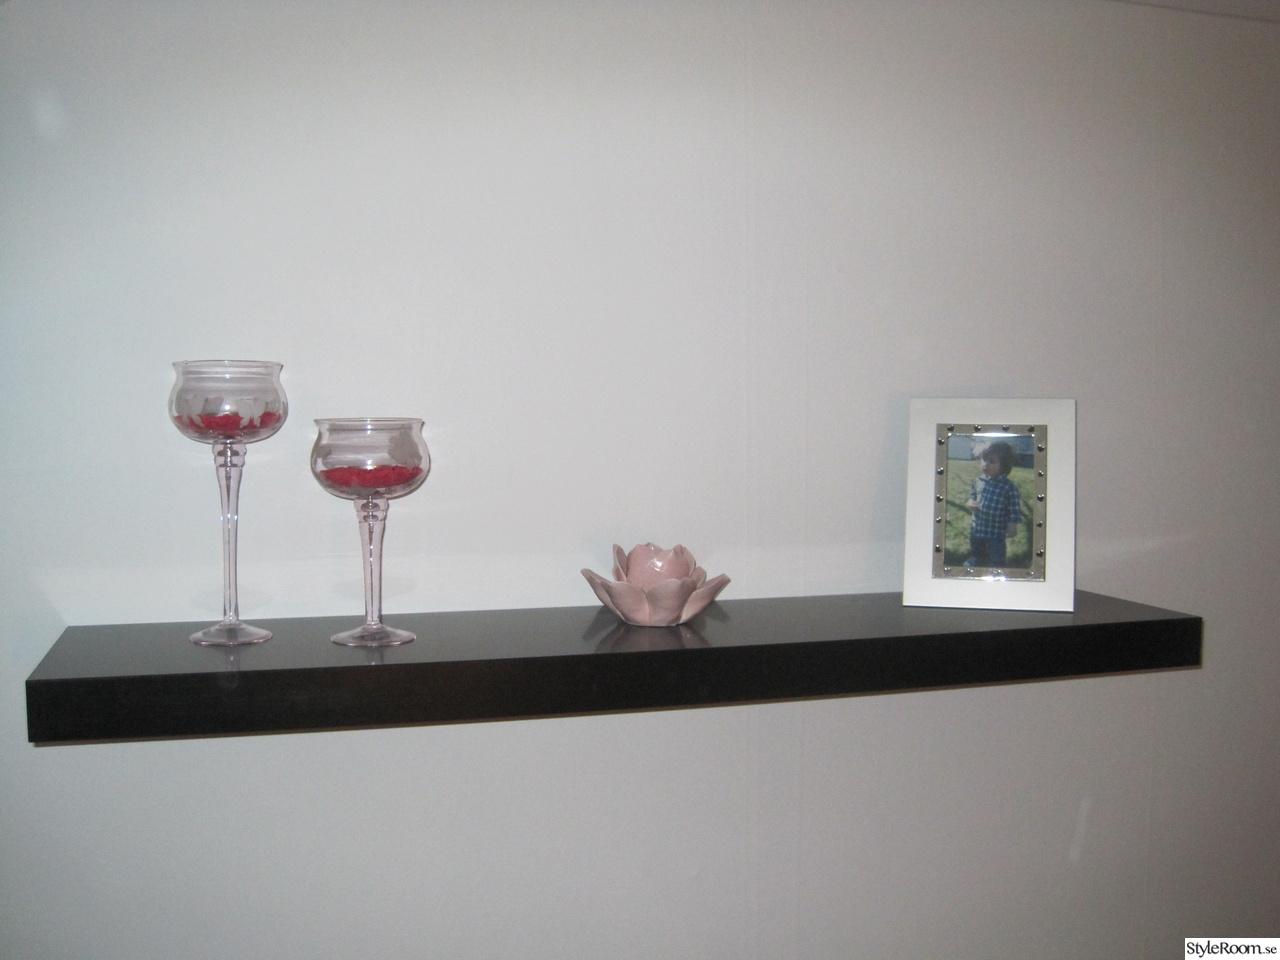 Hemnes spegel badrum ~ Xellen.com